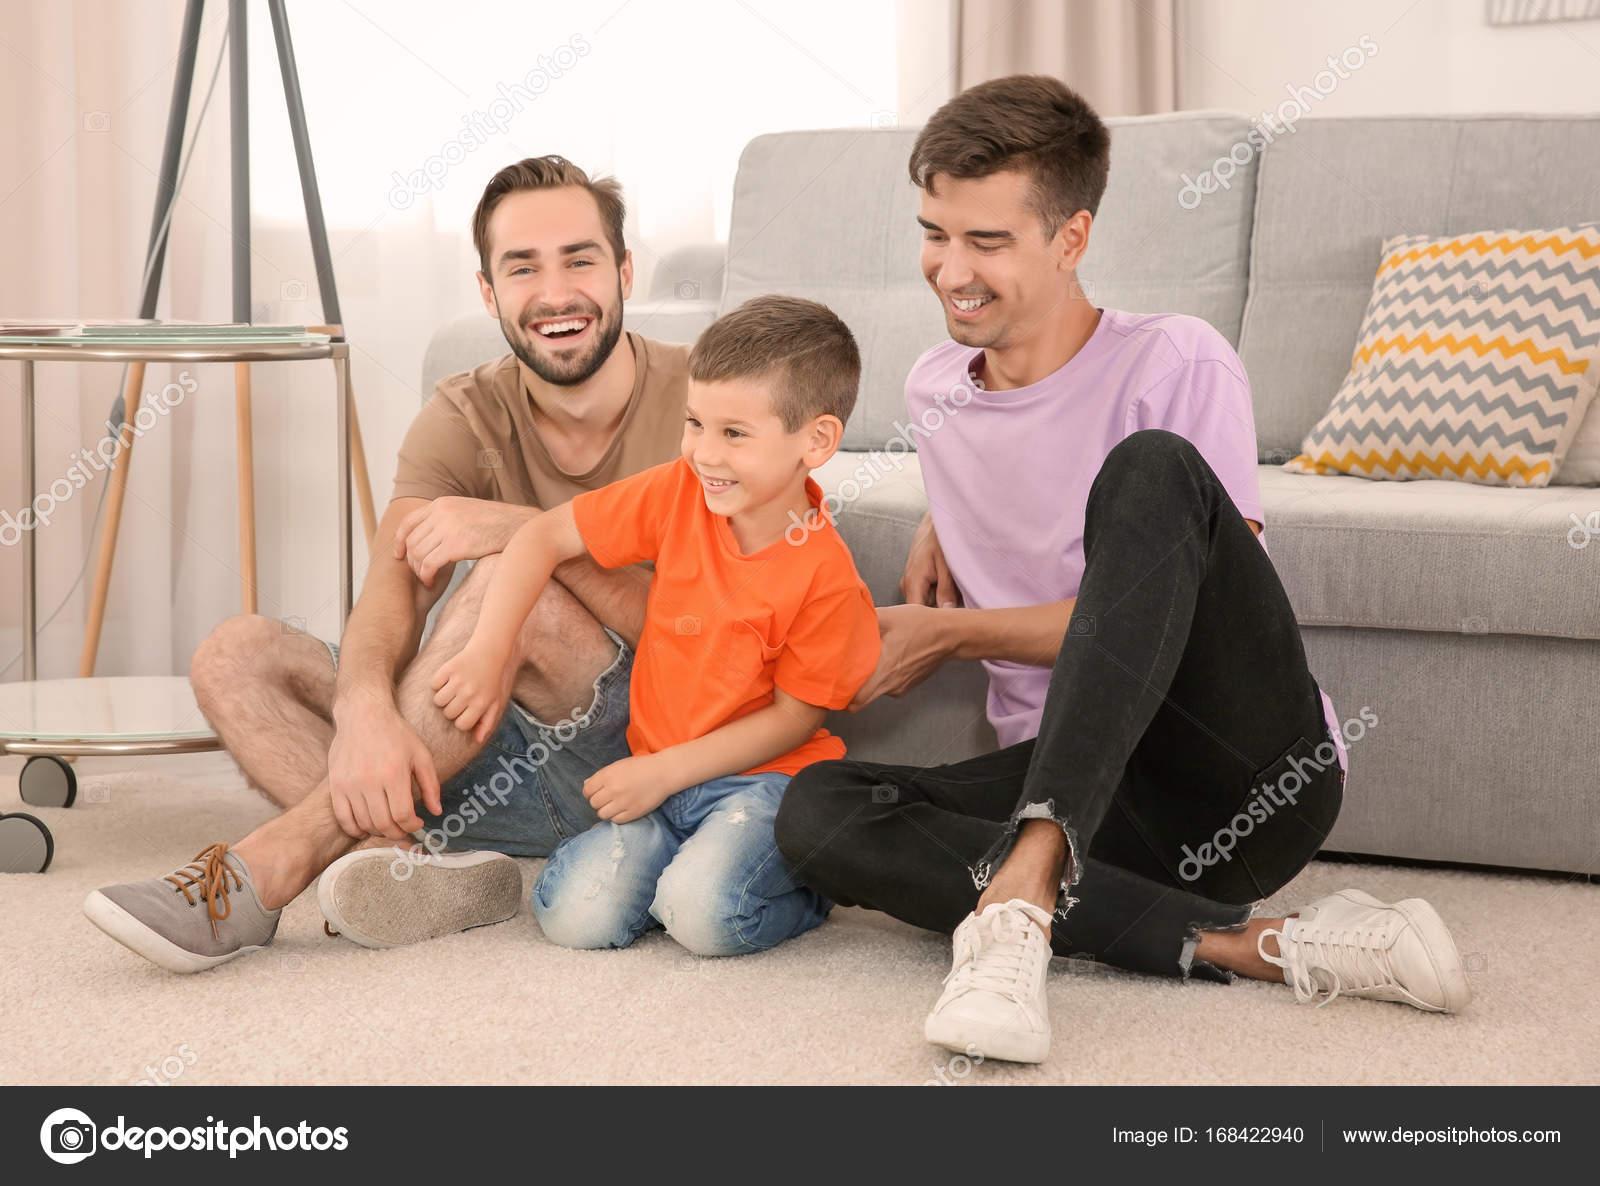 Adopcion homosexual concepto